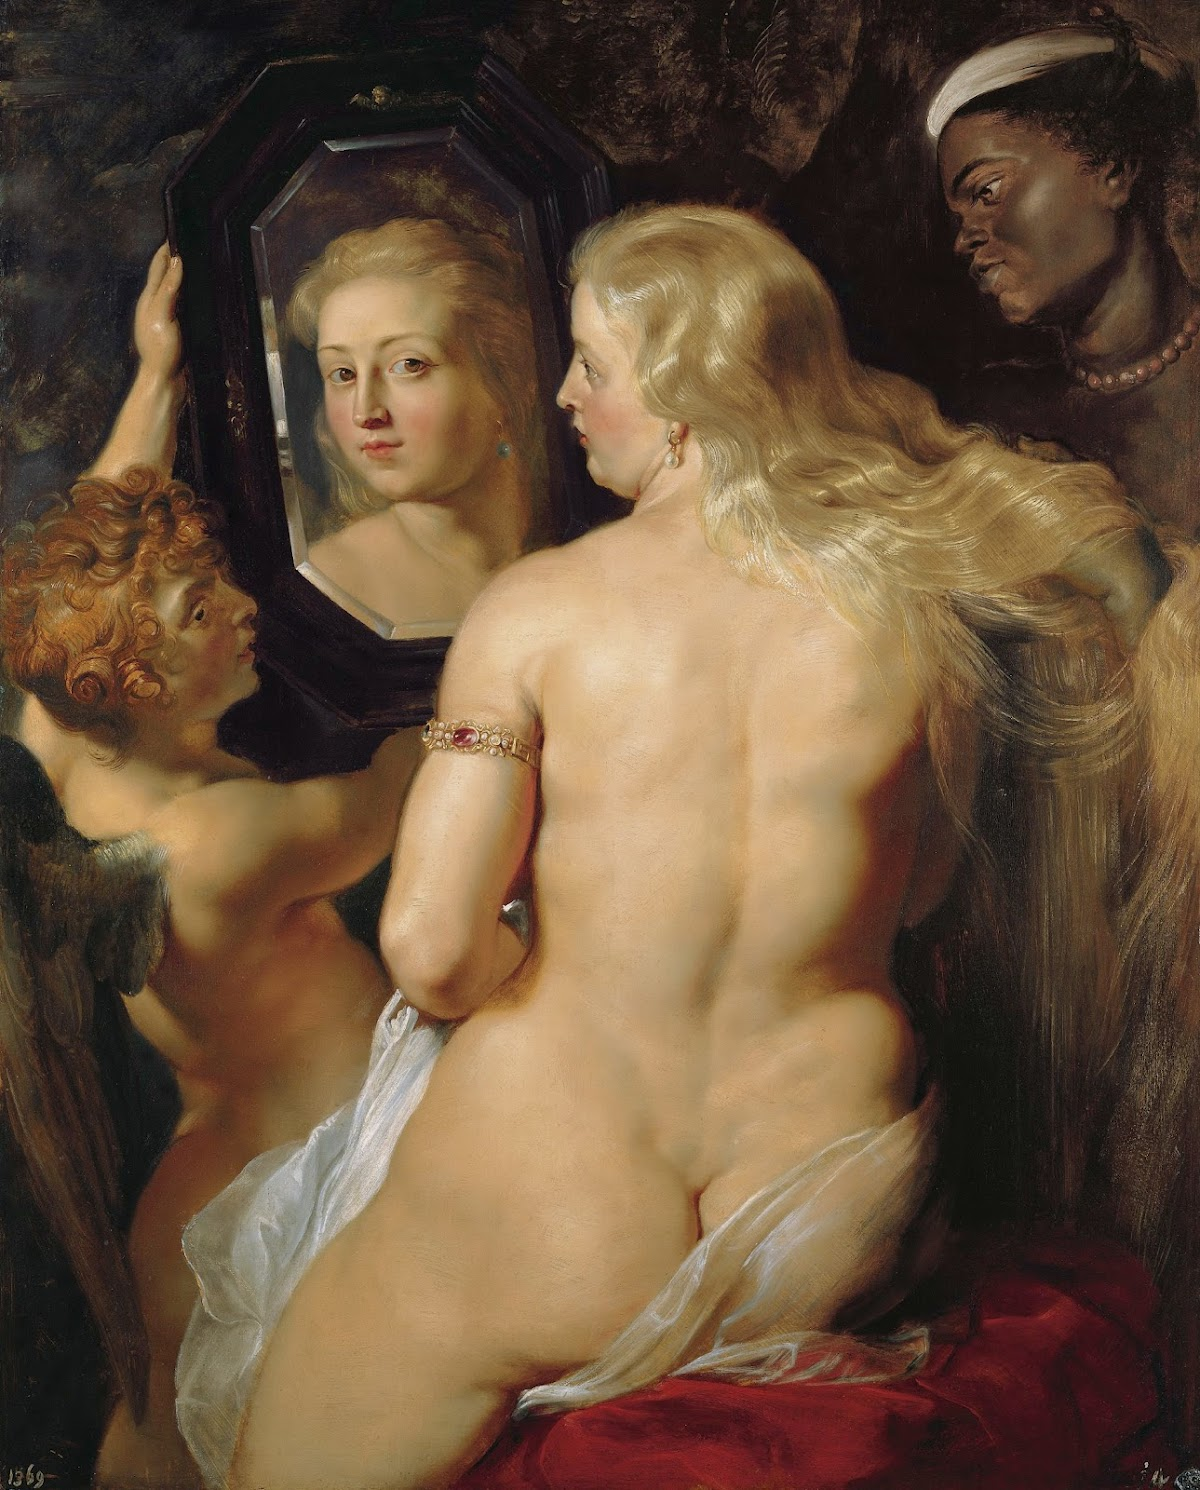 http://4.bp.blogspot.com/-3NWRDUBdDEw/T4RtSWCmM5I/AAAAAAAADdk/WHni1FwJBHY/s0/Rubens_Venus_at_a_Mirror_c1615.jpg